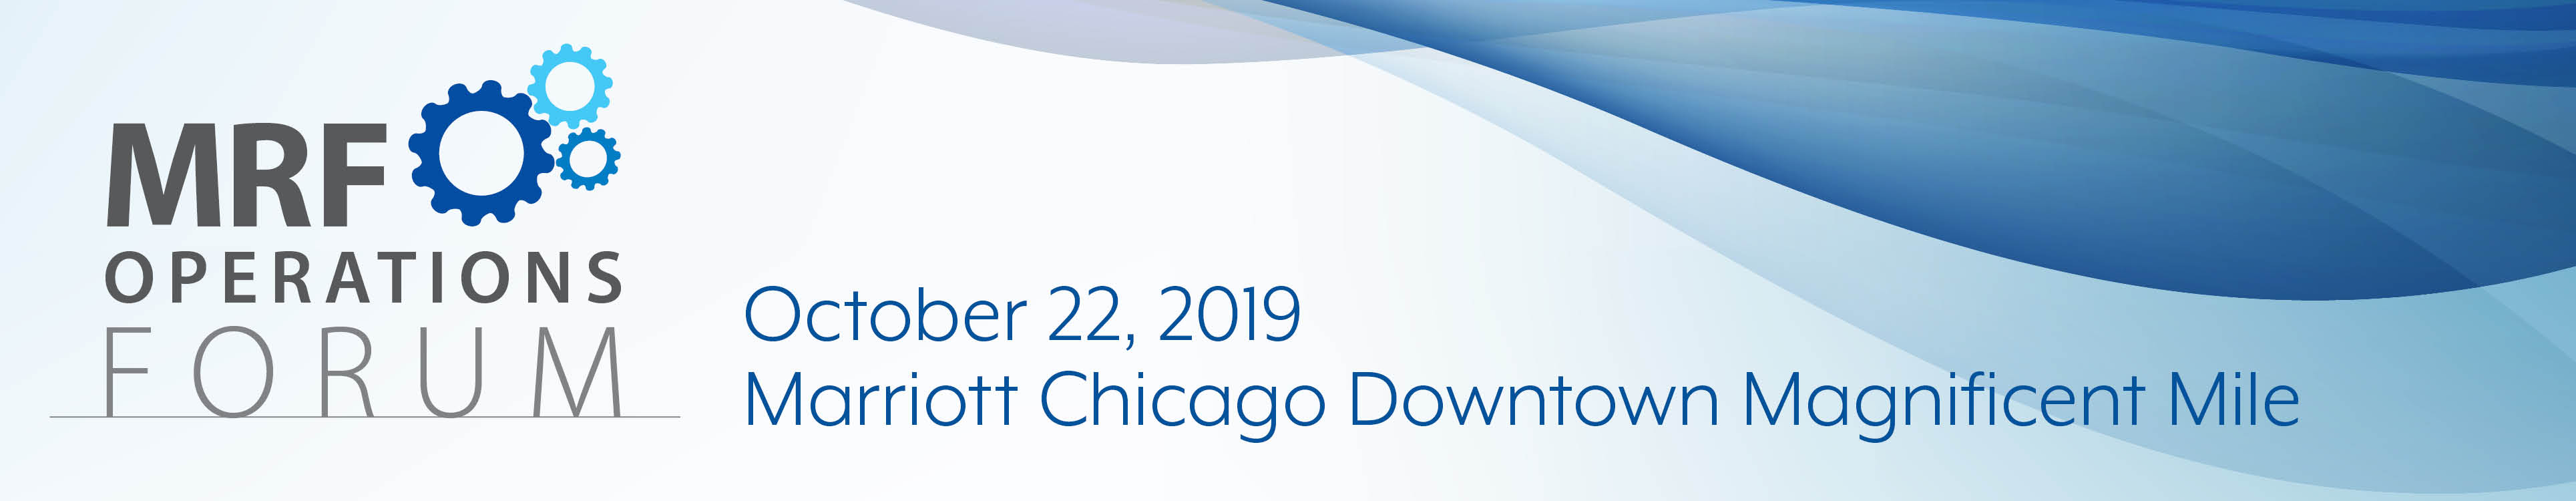 2019 MRF Operations Forum